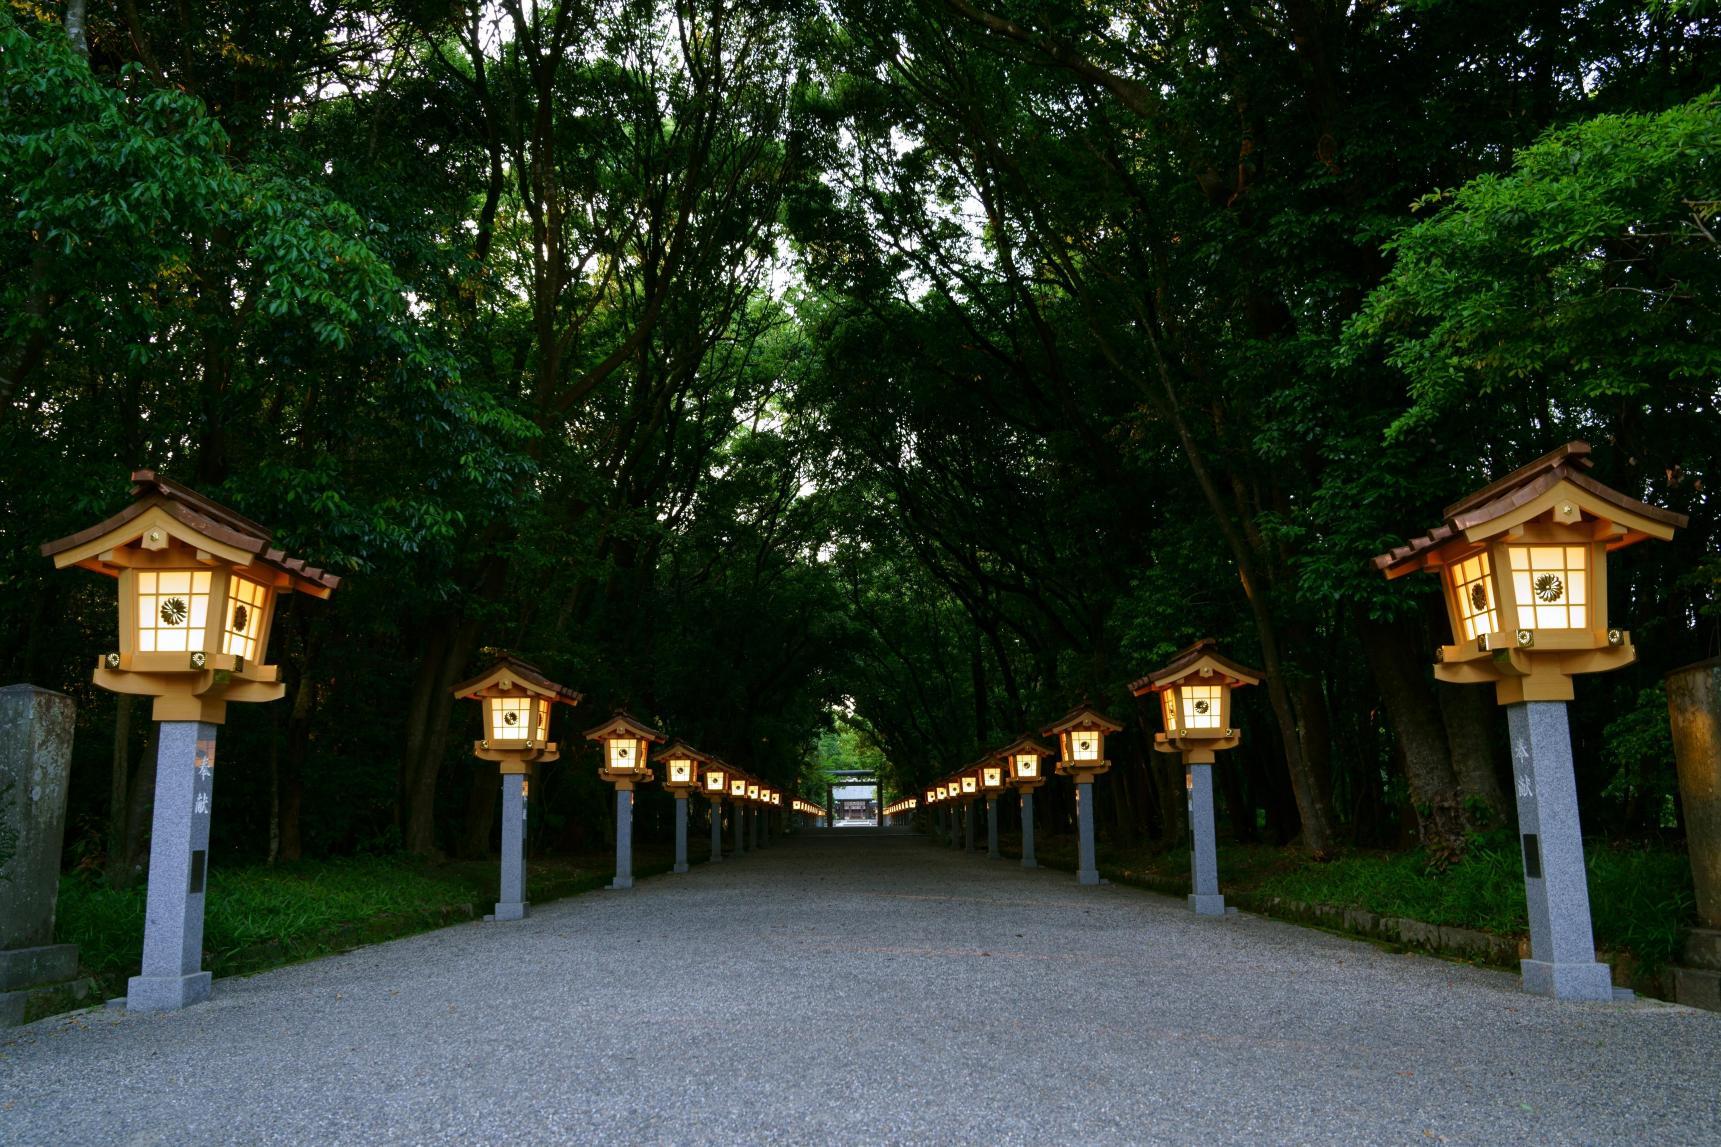 神の息吹を感じる 宮崎神宮